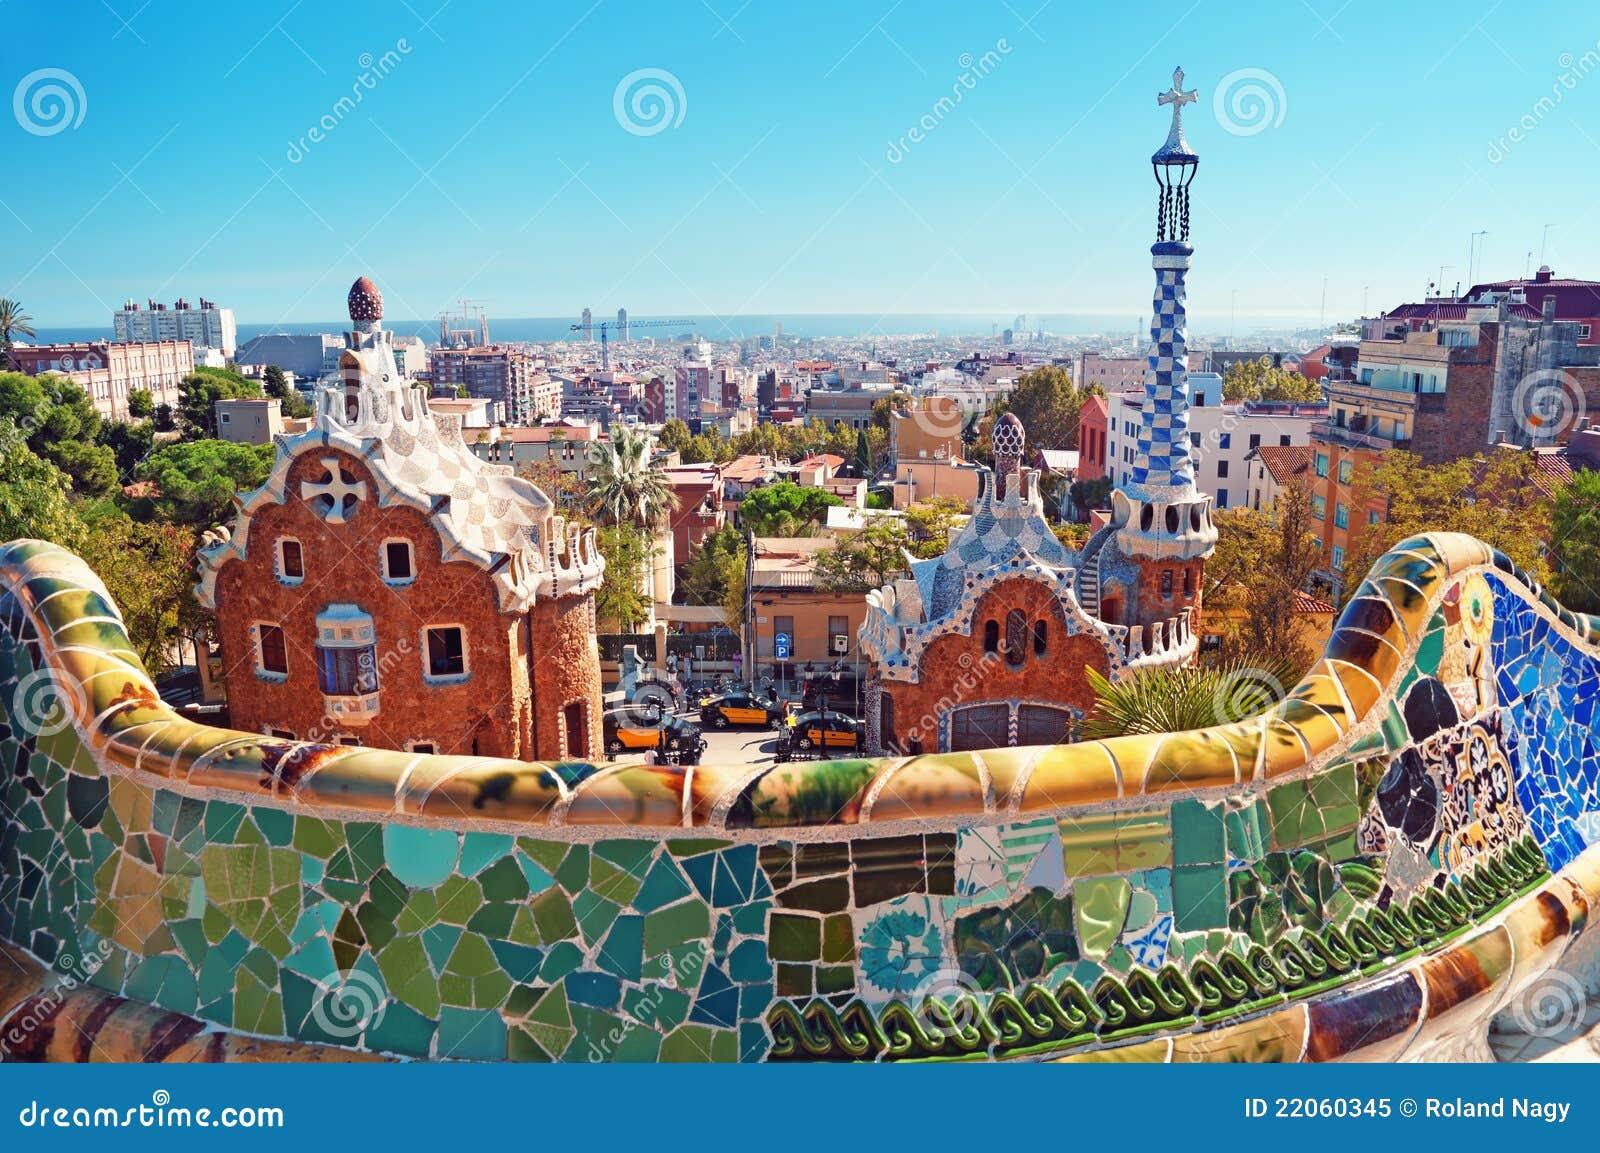 Barcelona guell park Spain